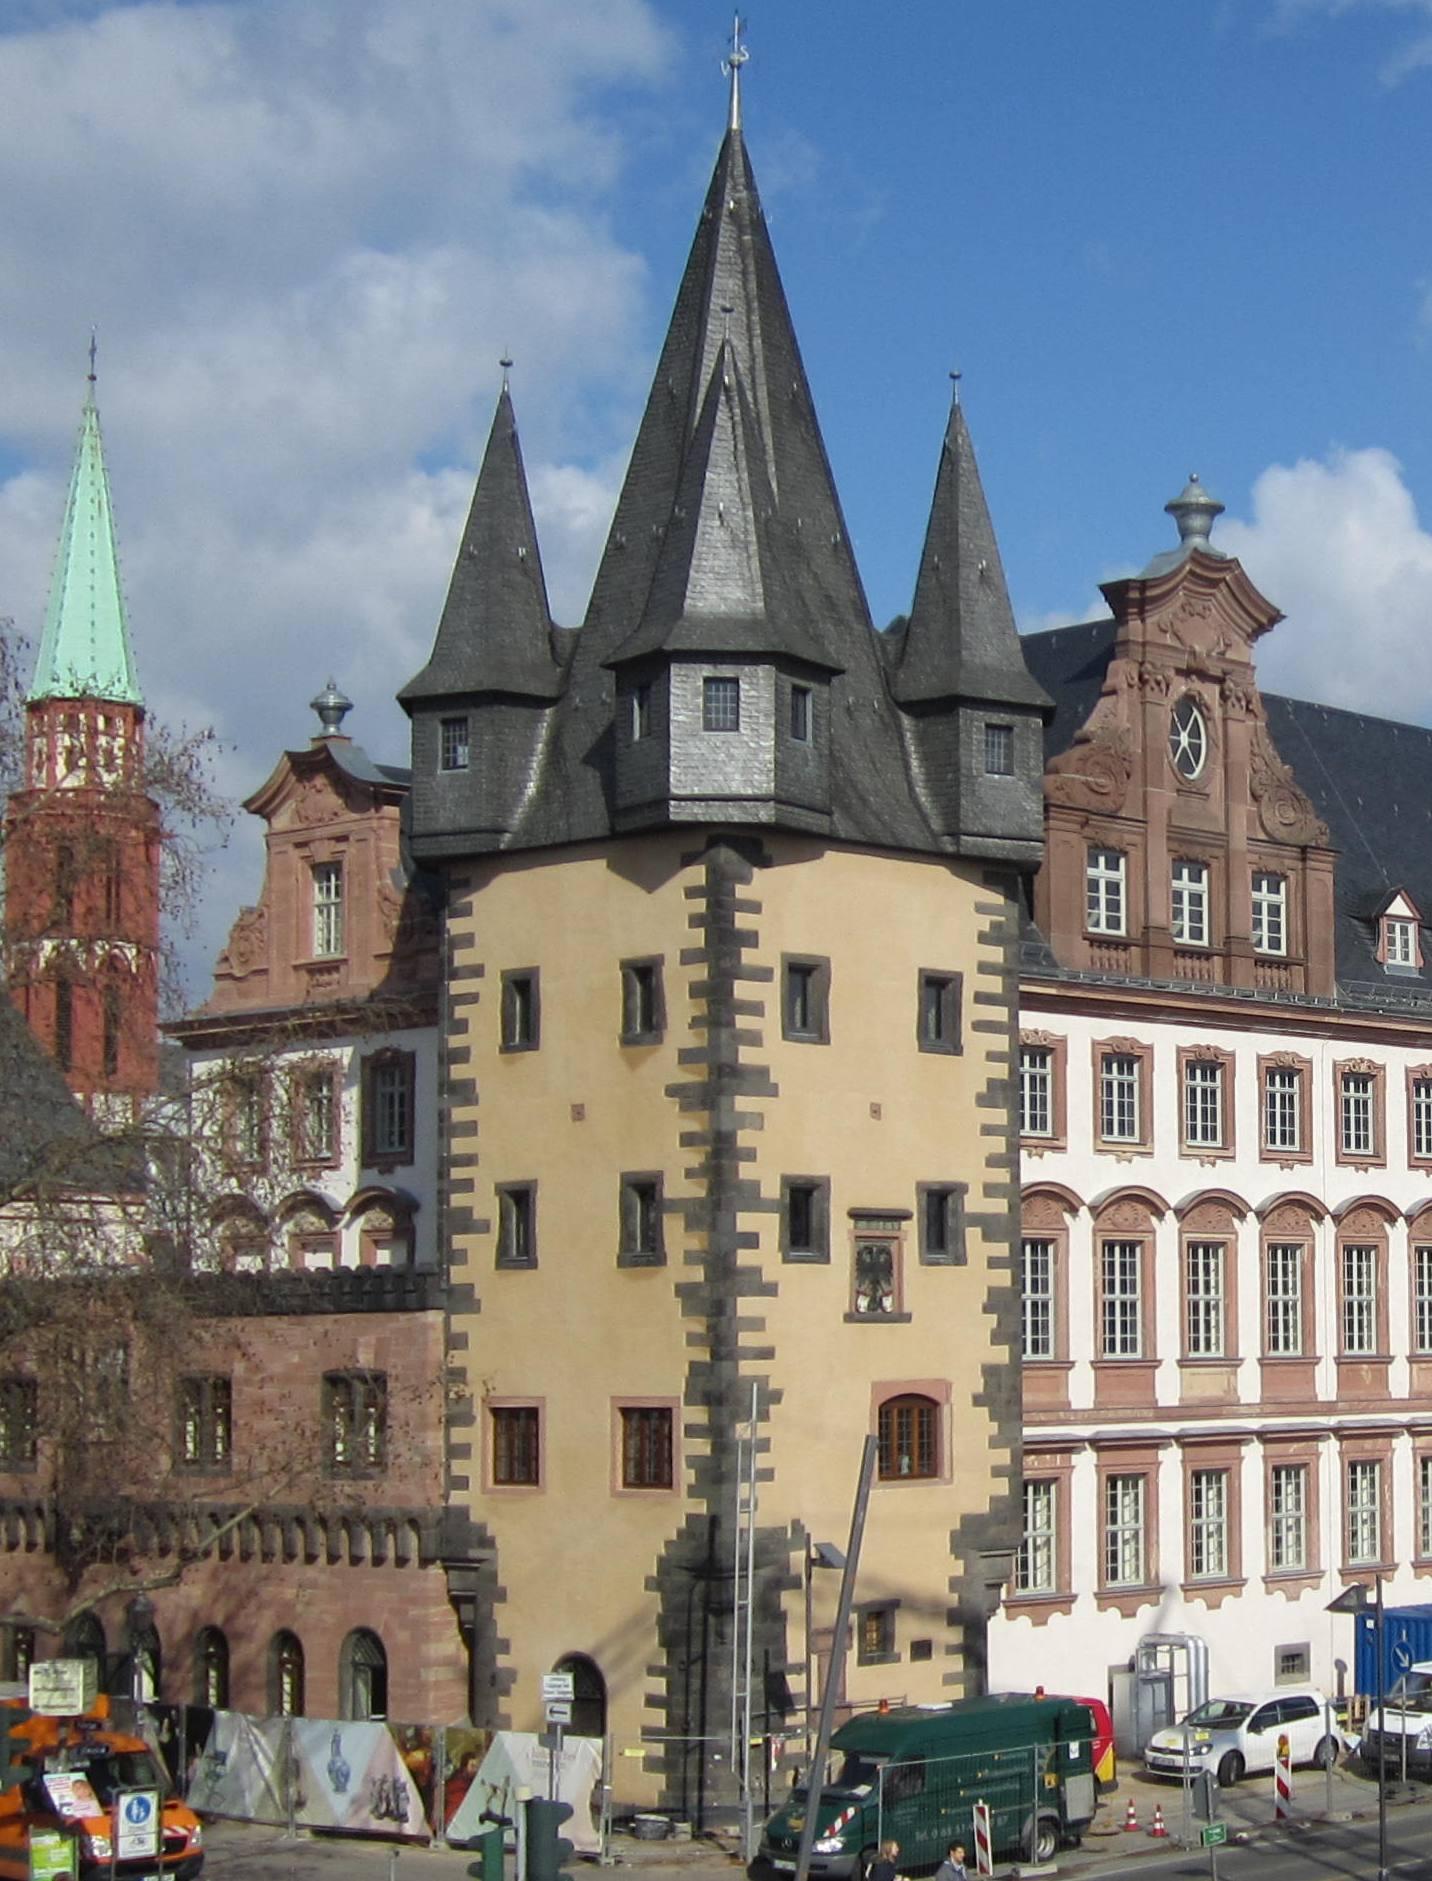 Der Rententurm vom Eisernen Steg aus fotografiert (c) historisches museum frankfurt